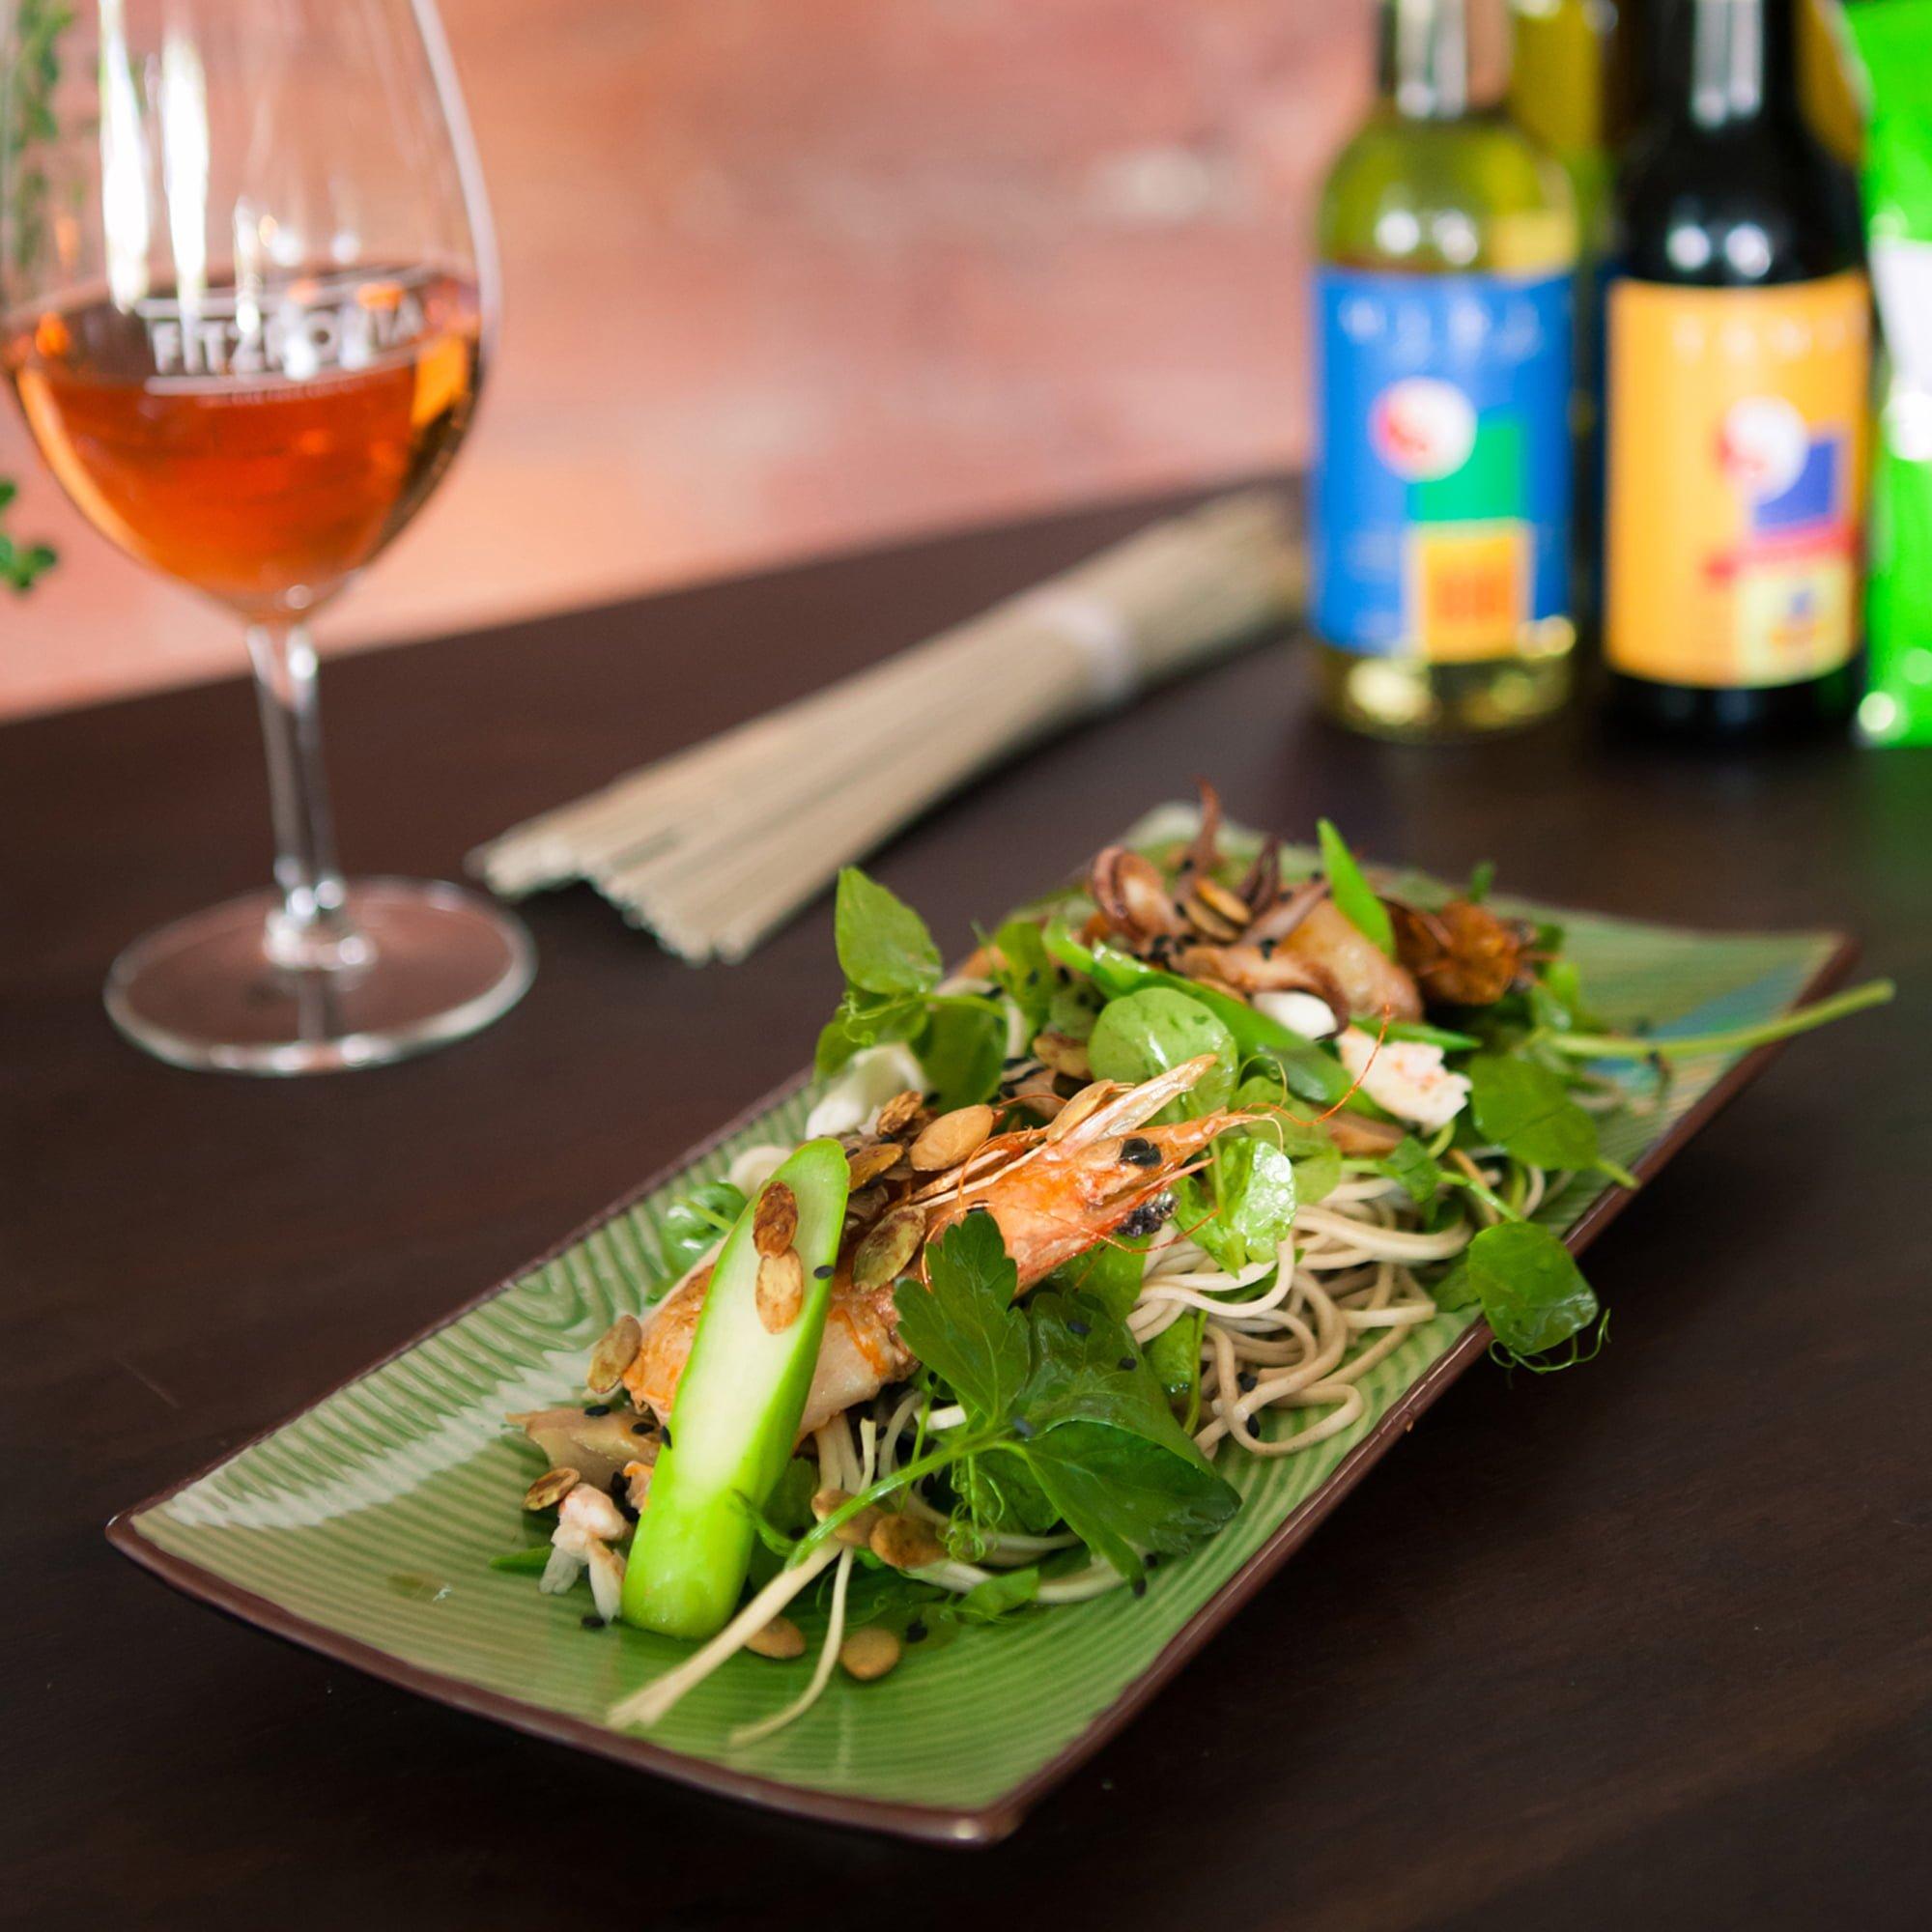 Mirin & Tamari Dressed Seafood Salad